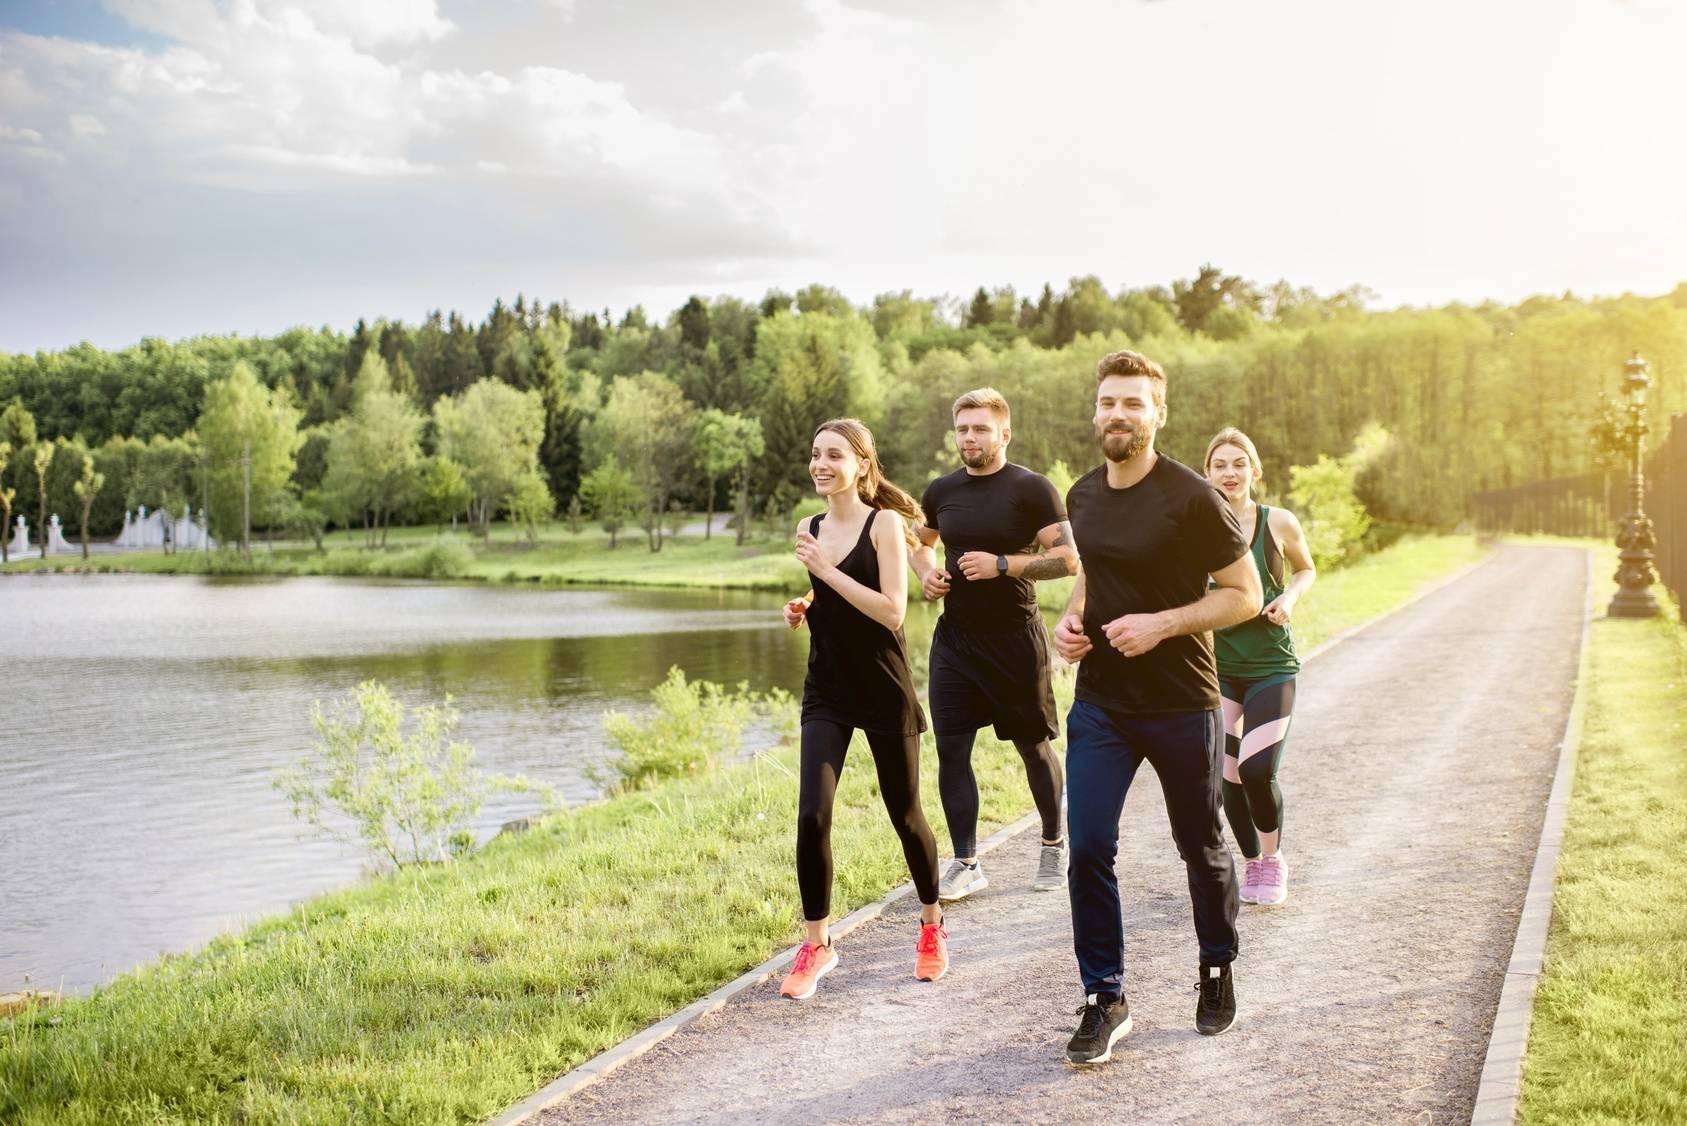 Grupa młodych ludzi uprawia slow jogging na świeżym powietrzu.